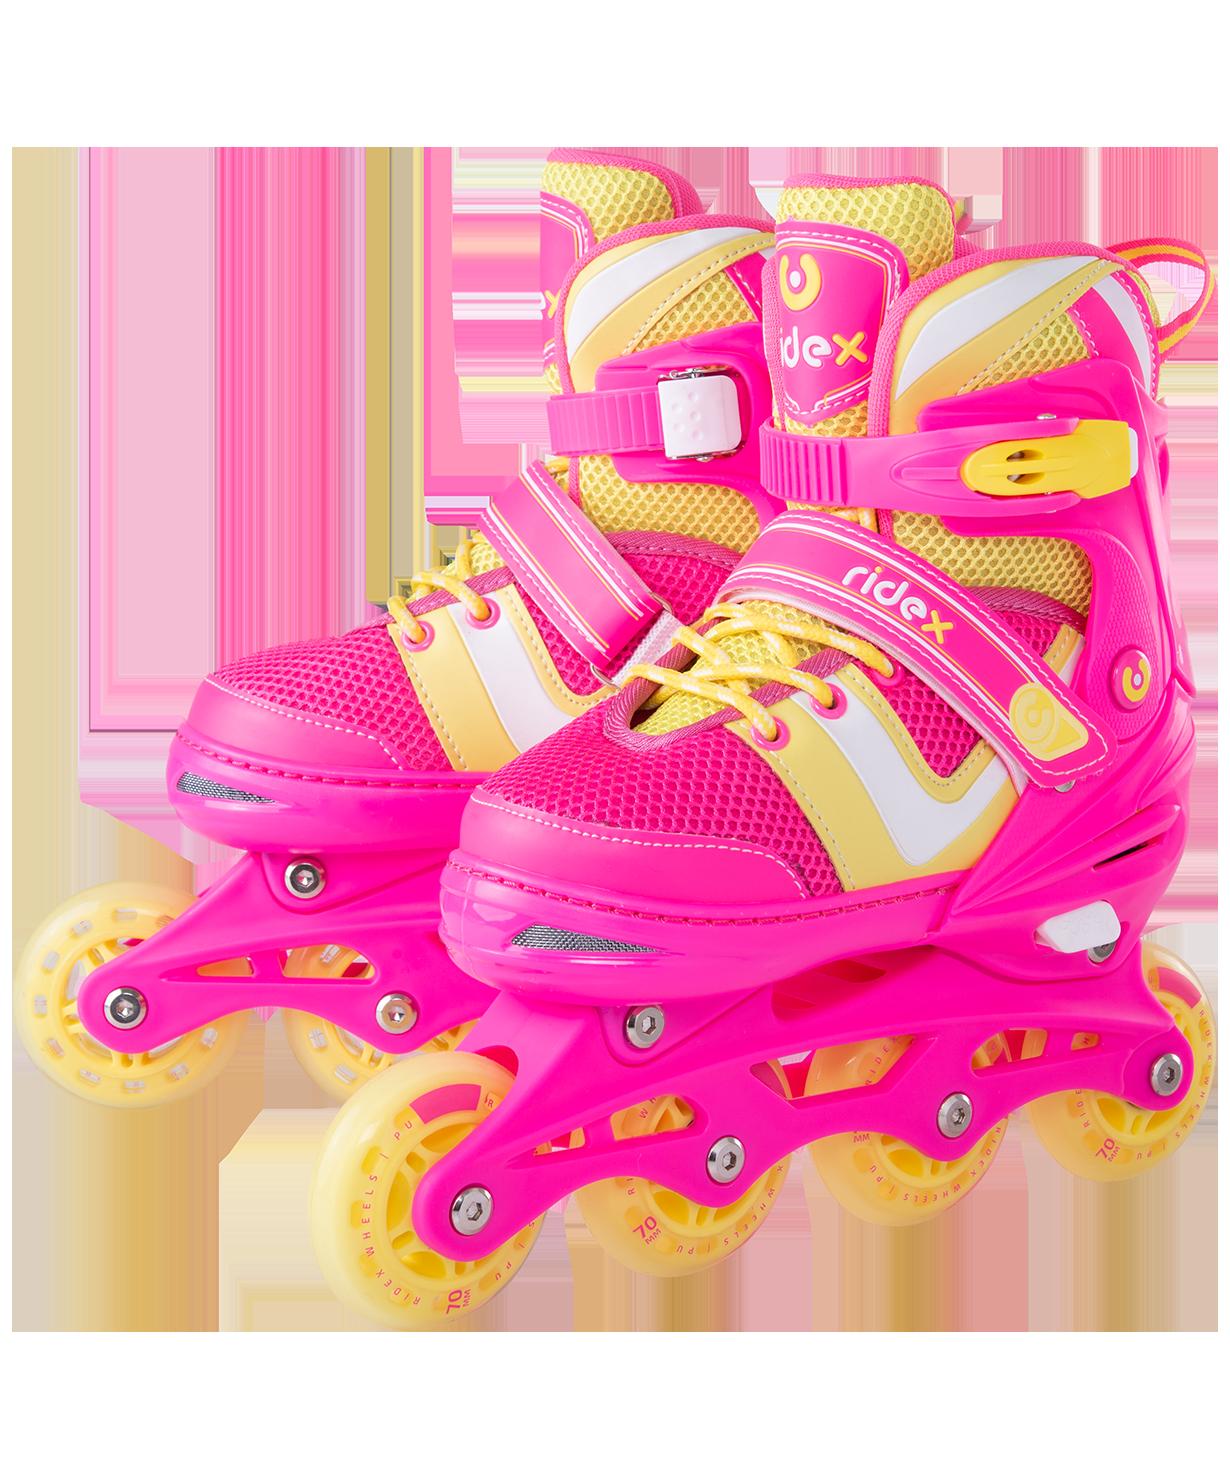 Купить Ролики раздвижные Wing Pink, пластиковая рама - S (30-33), Ролики раздвижные Ridex Wing Pink, S (30-33),